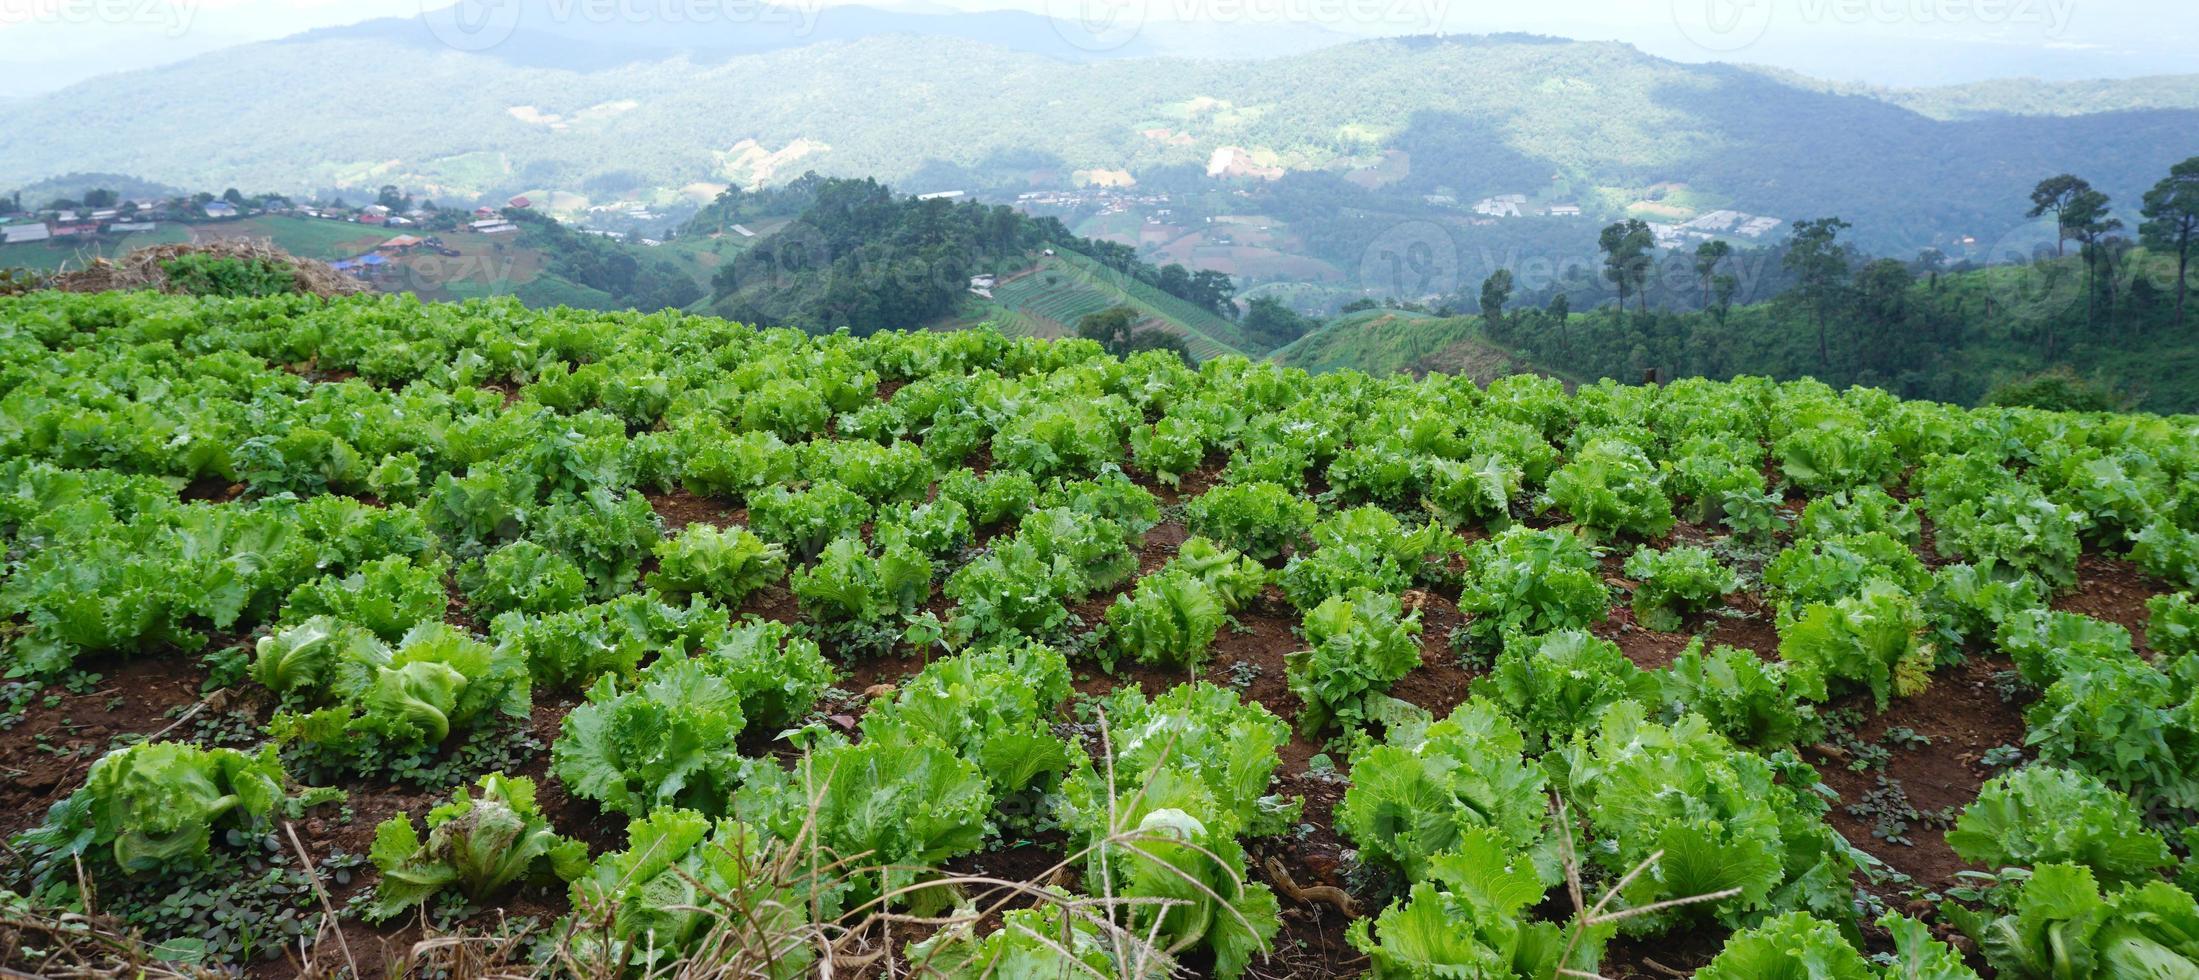 alface verde fresca no chão na fazenda foto